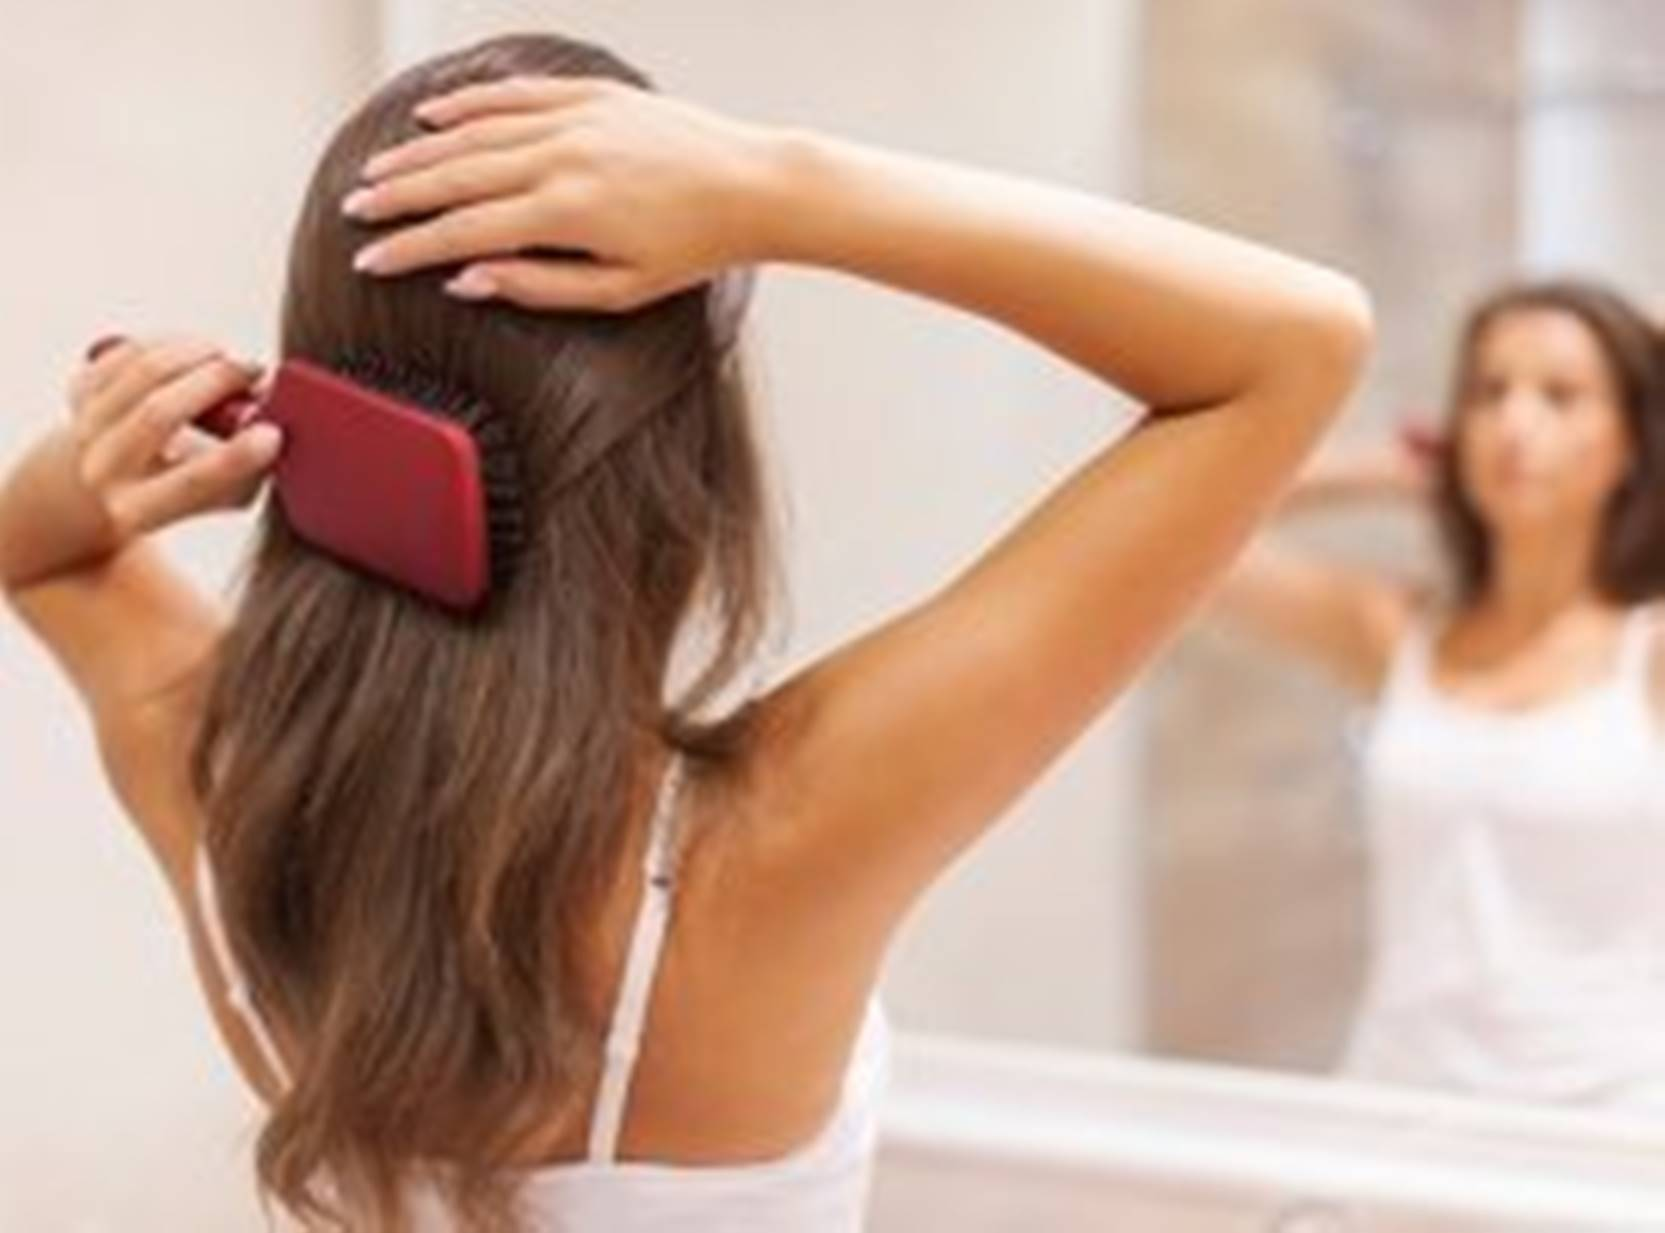 4 piores erros que cometemos ao pentear o cabelo diariamente